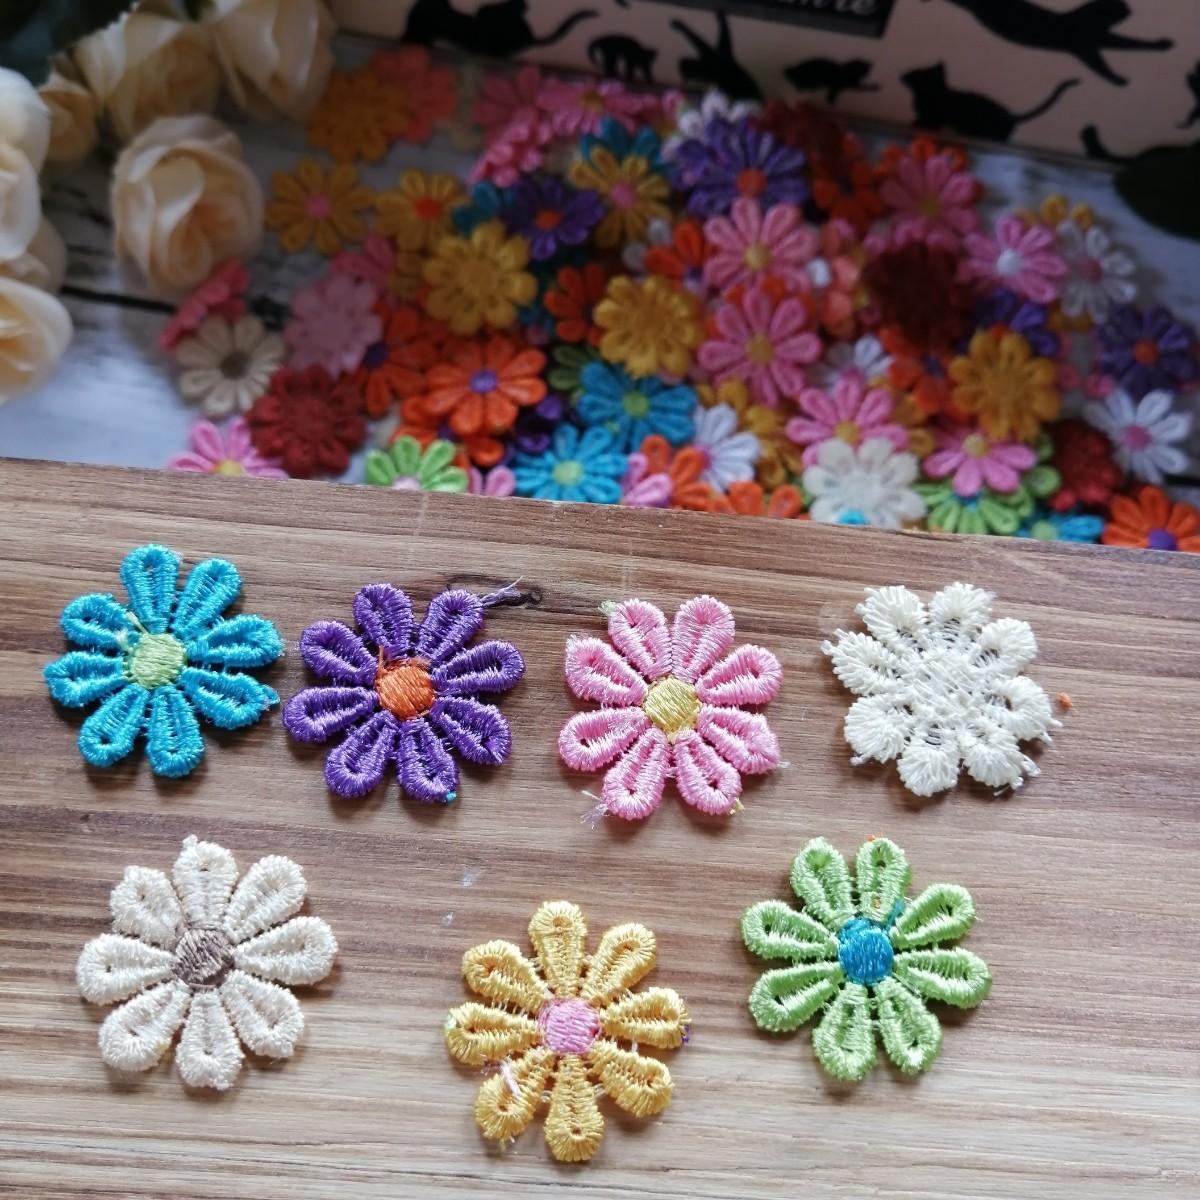 ハンドメイド ワッペン   刺繍 綺麗なワッベン 手作り 花モチーフ カラフル1